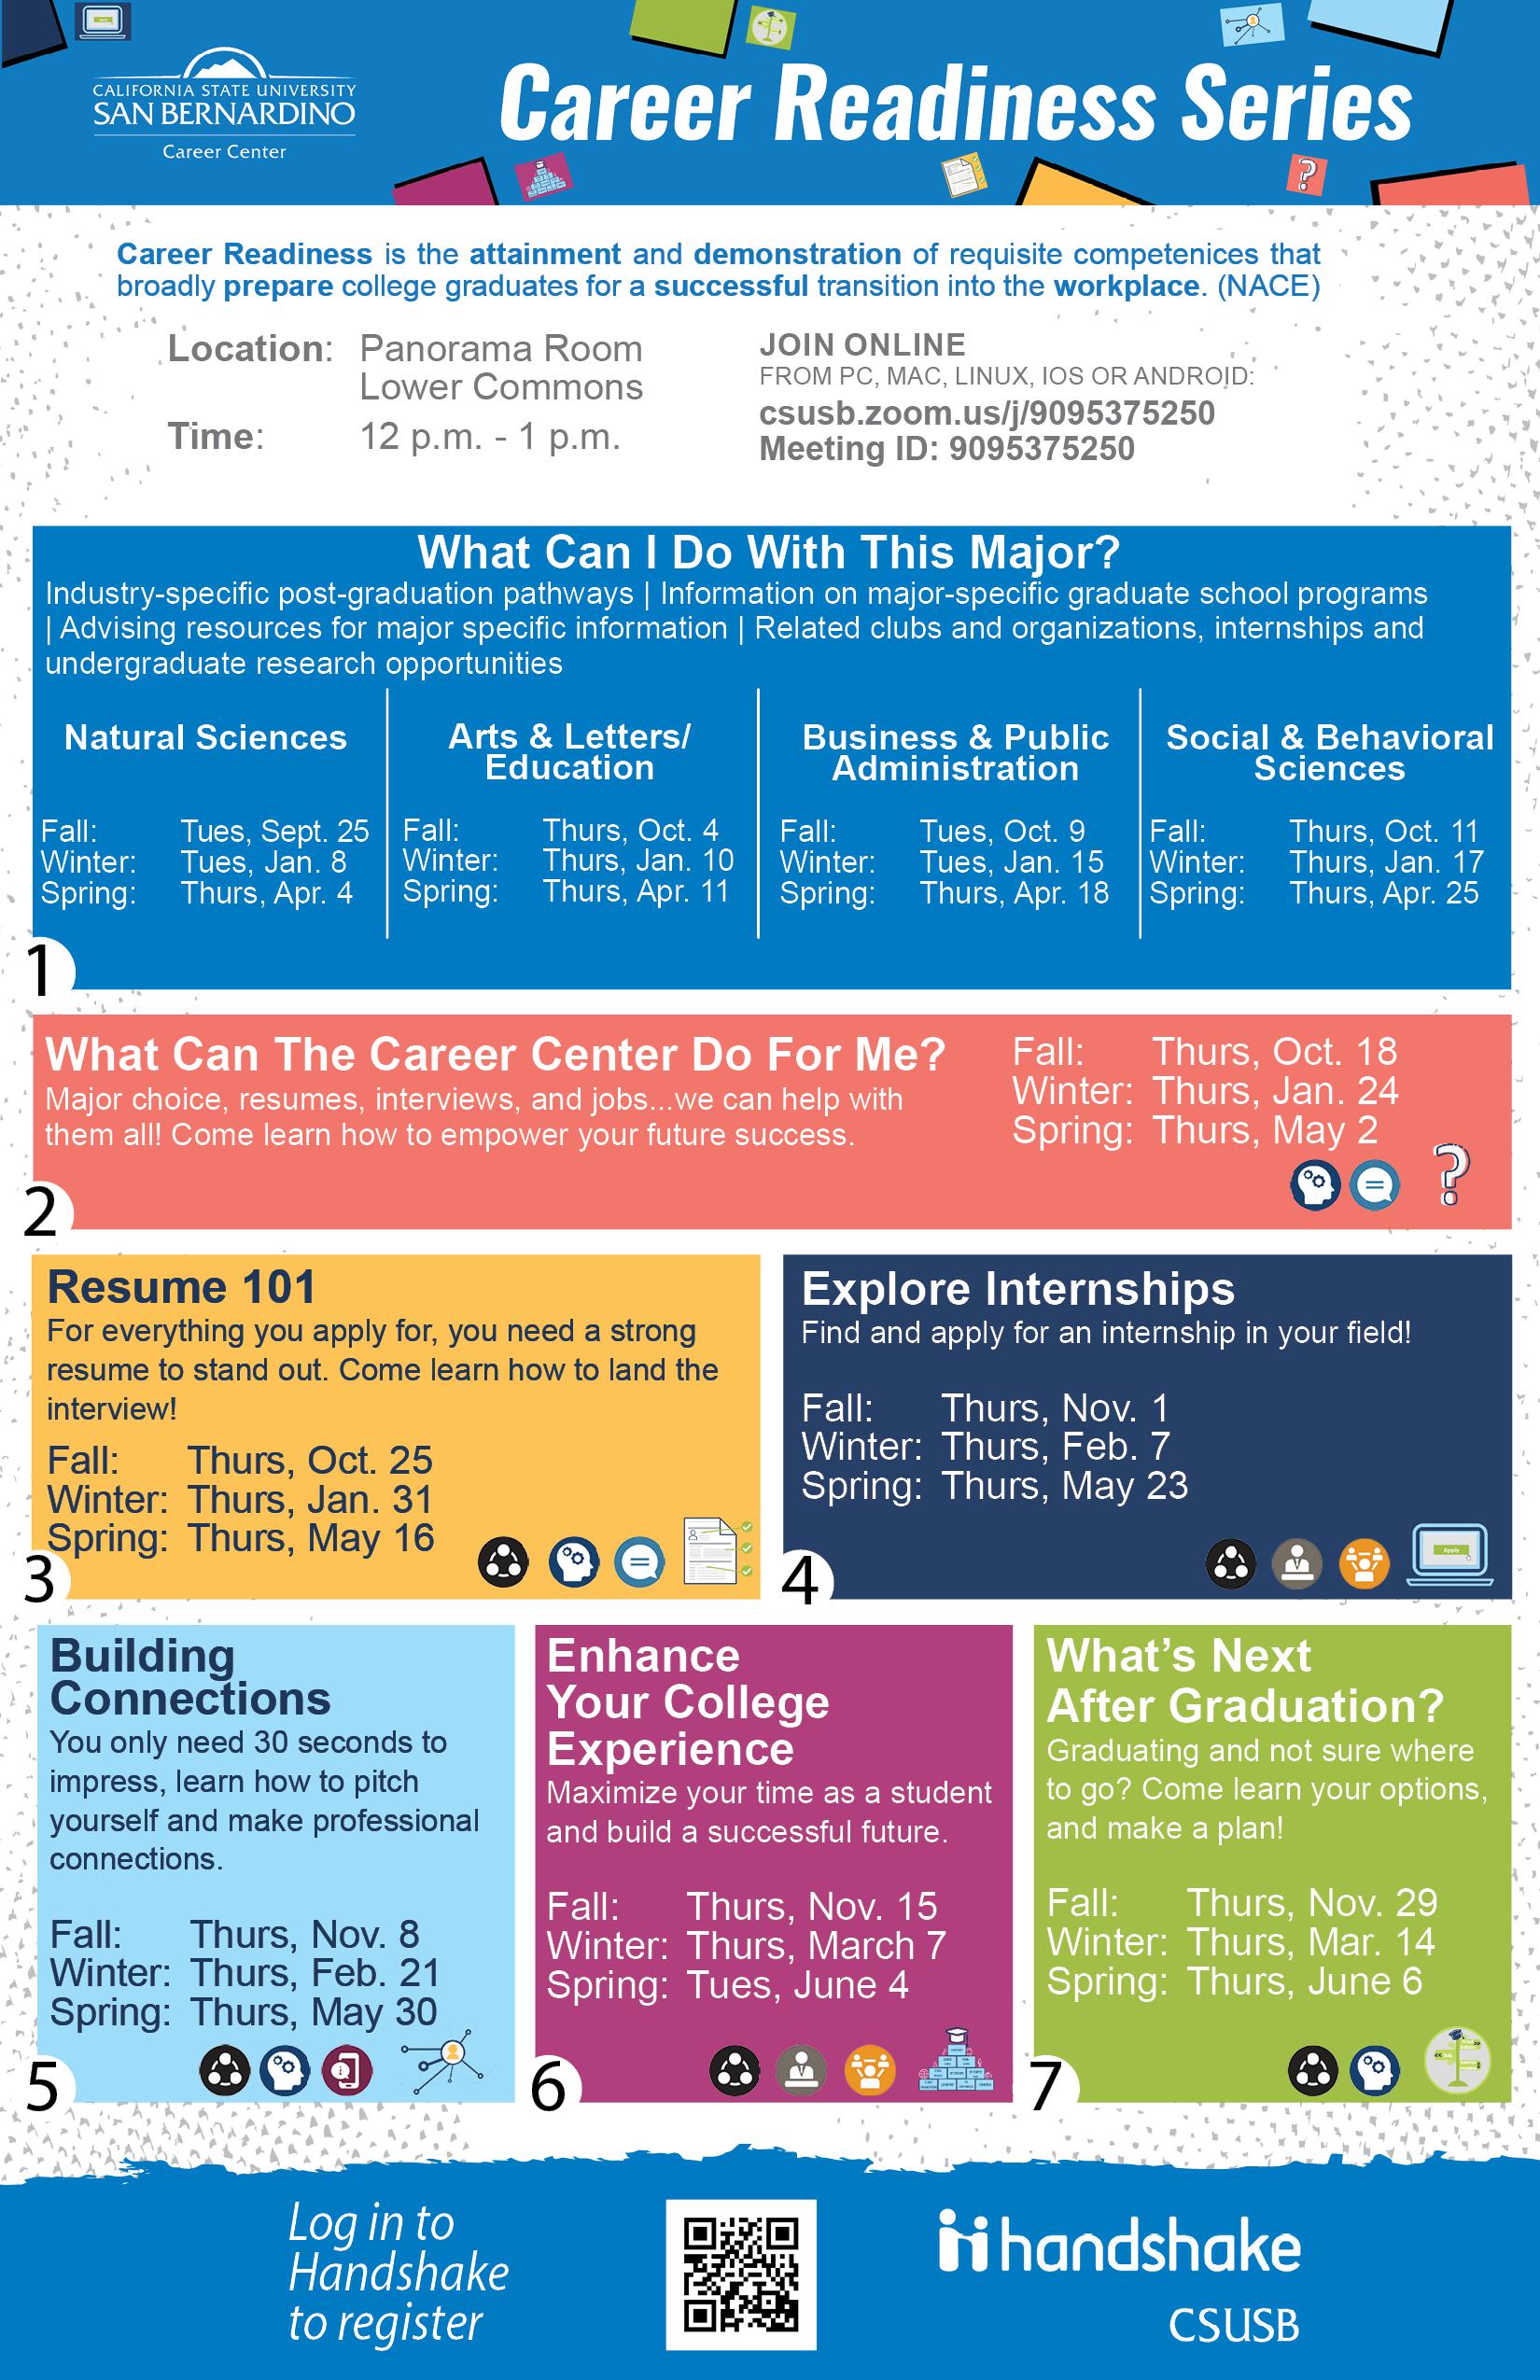 Career Readiness Workshops - Career Center